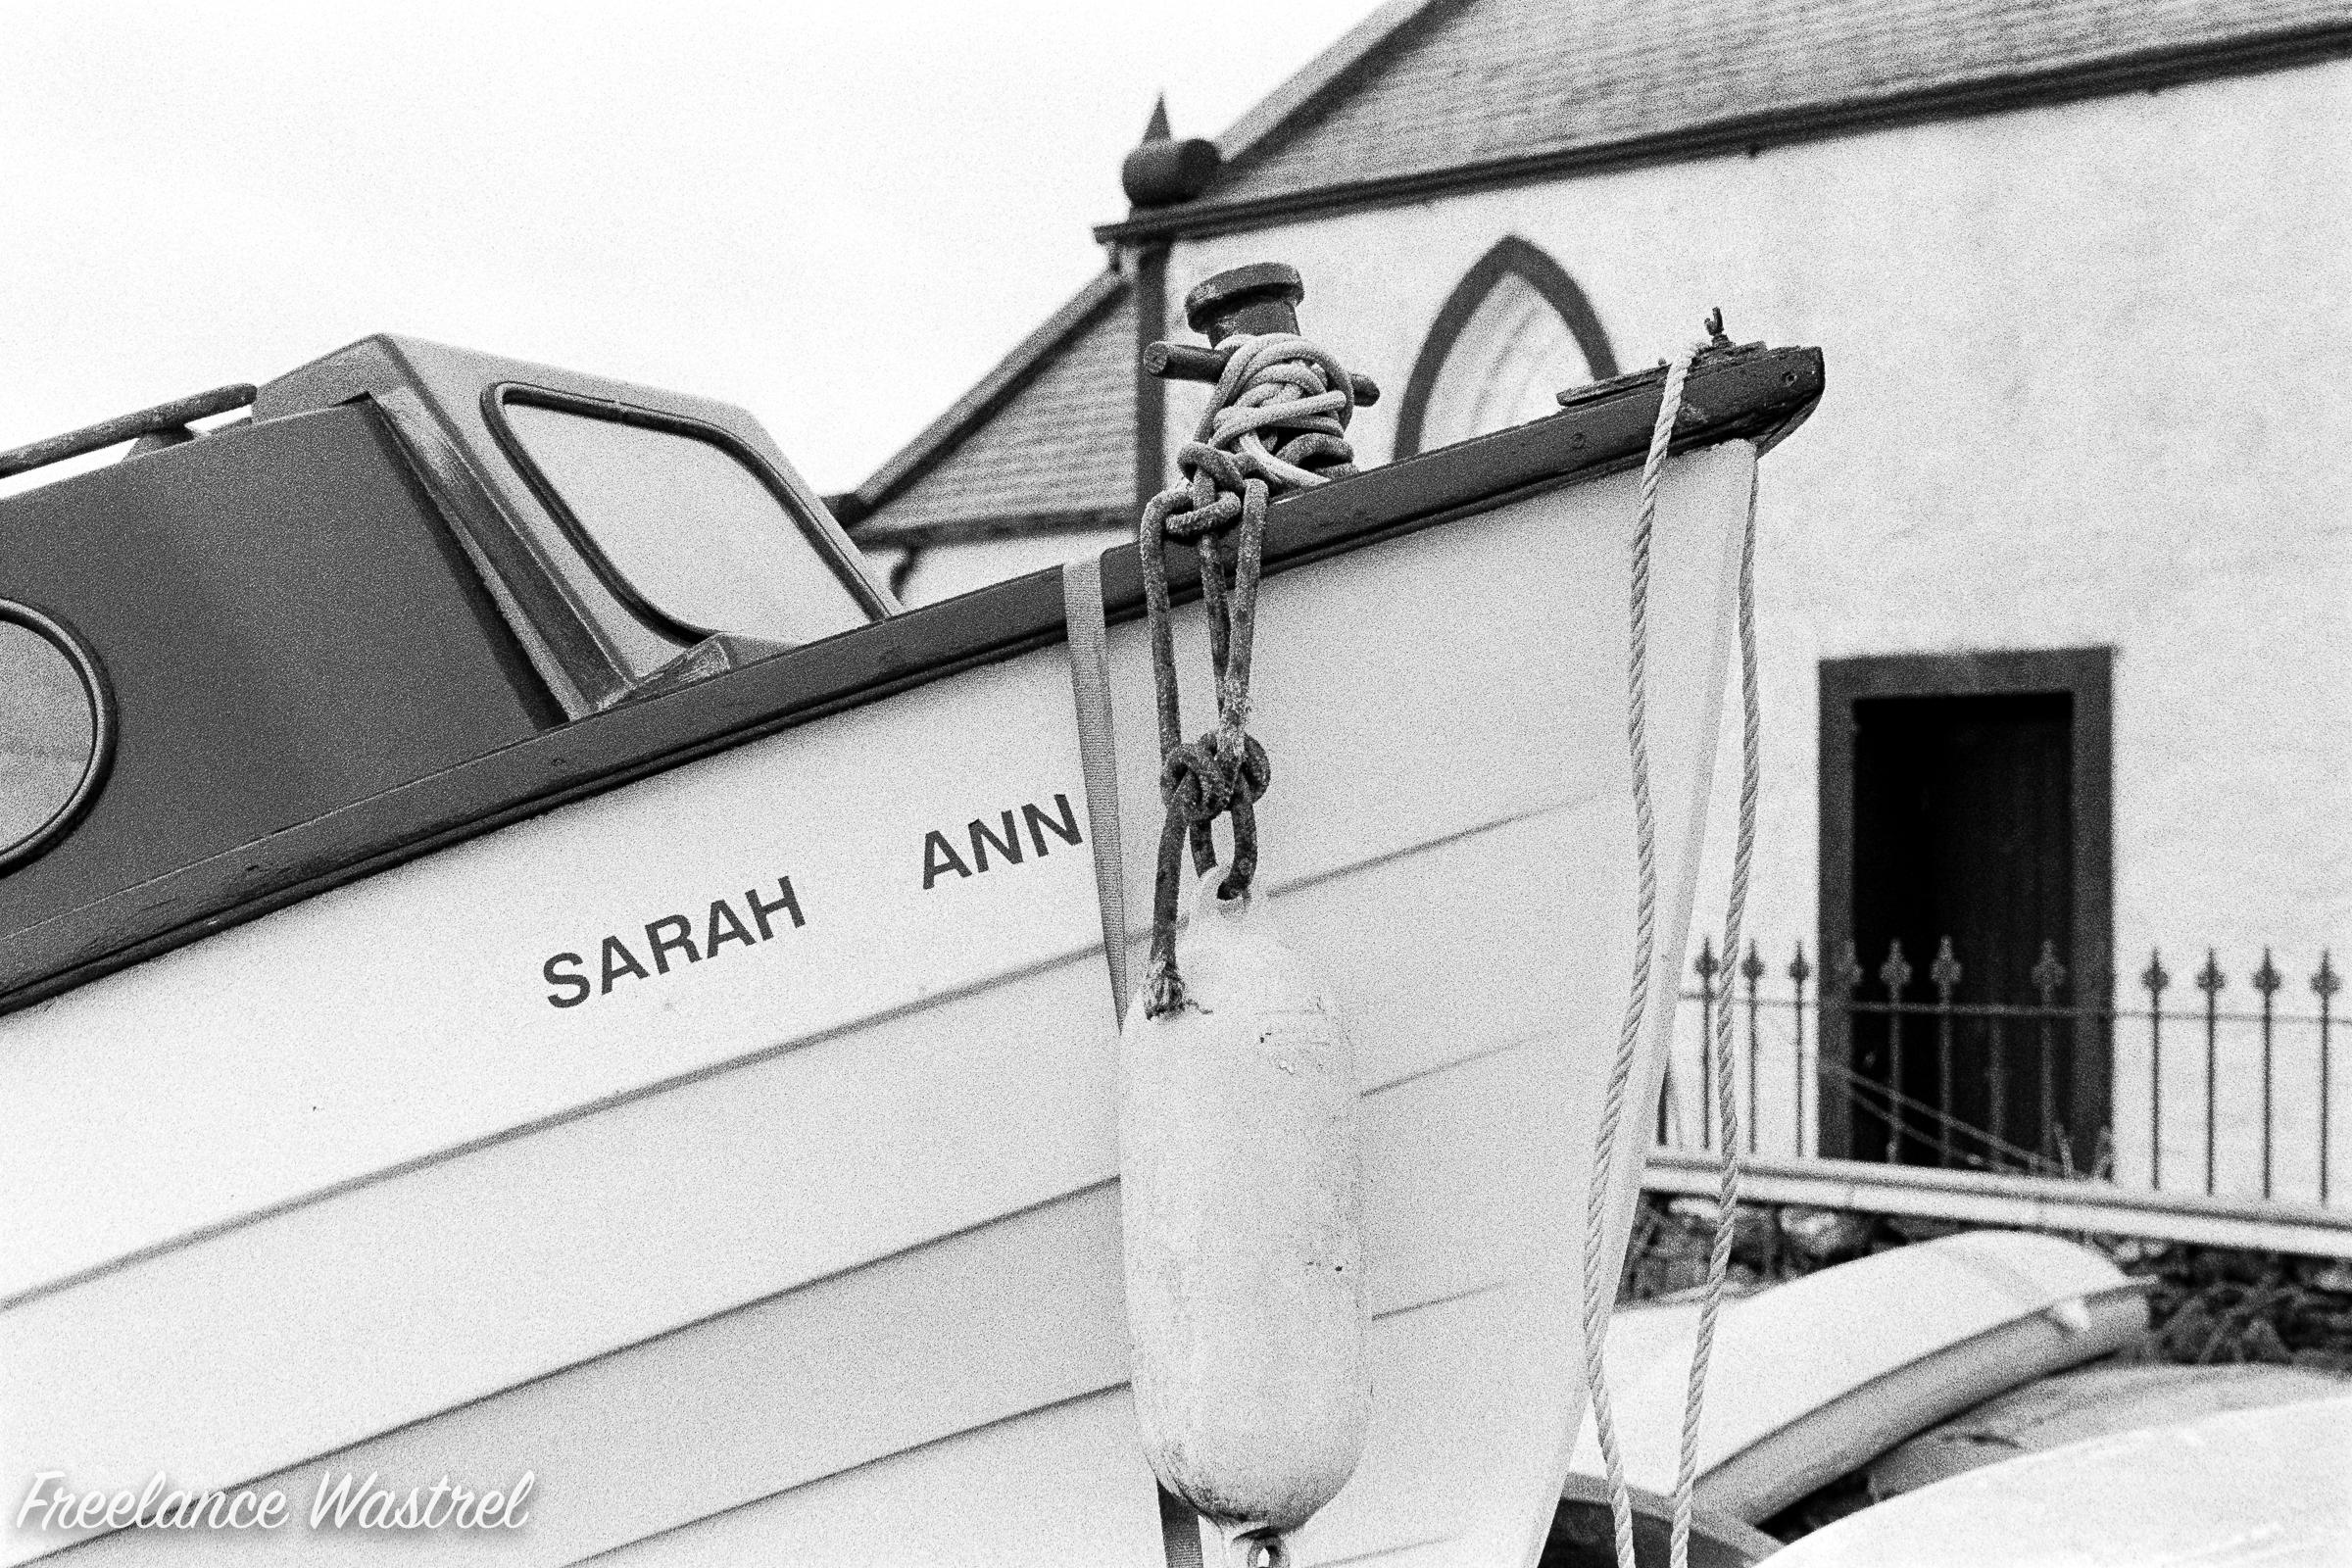 SARAH ANN